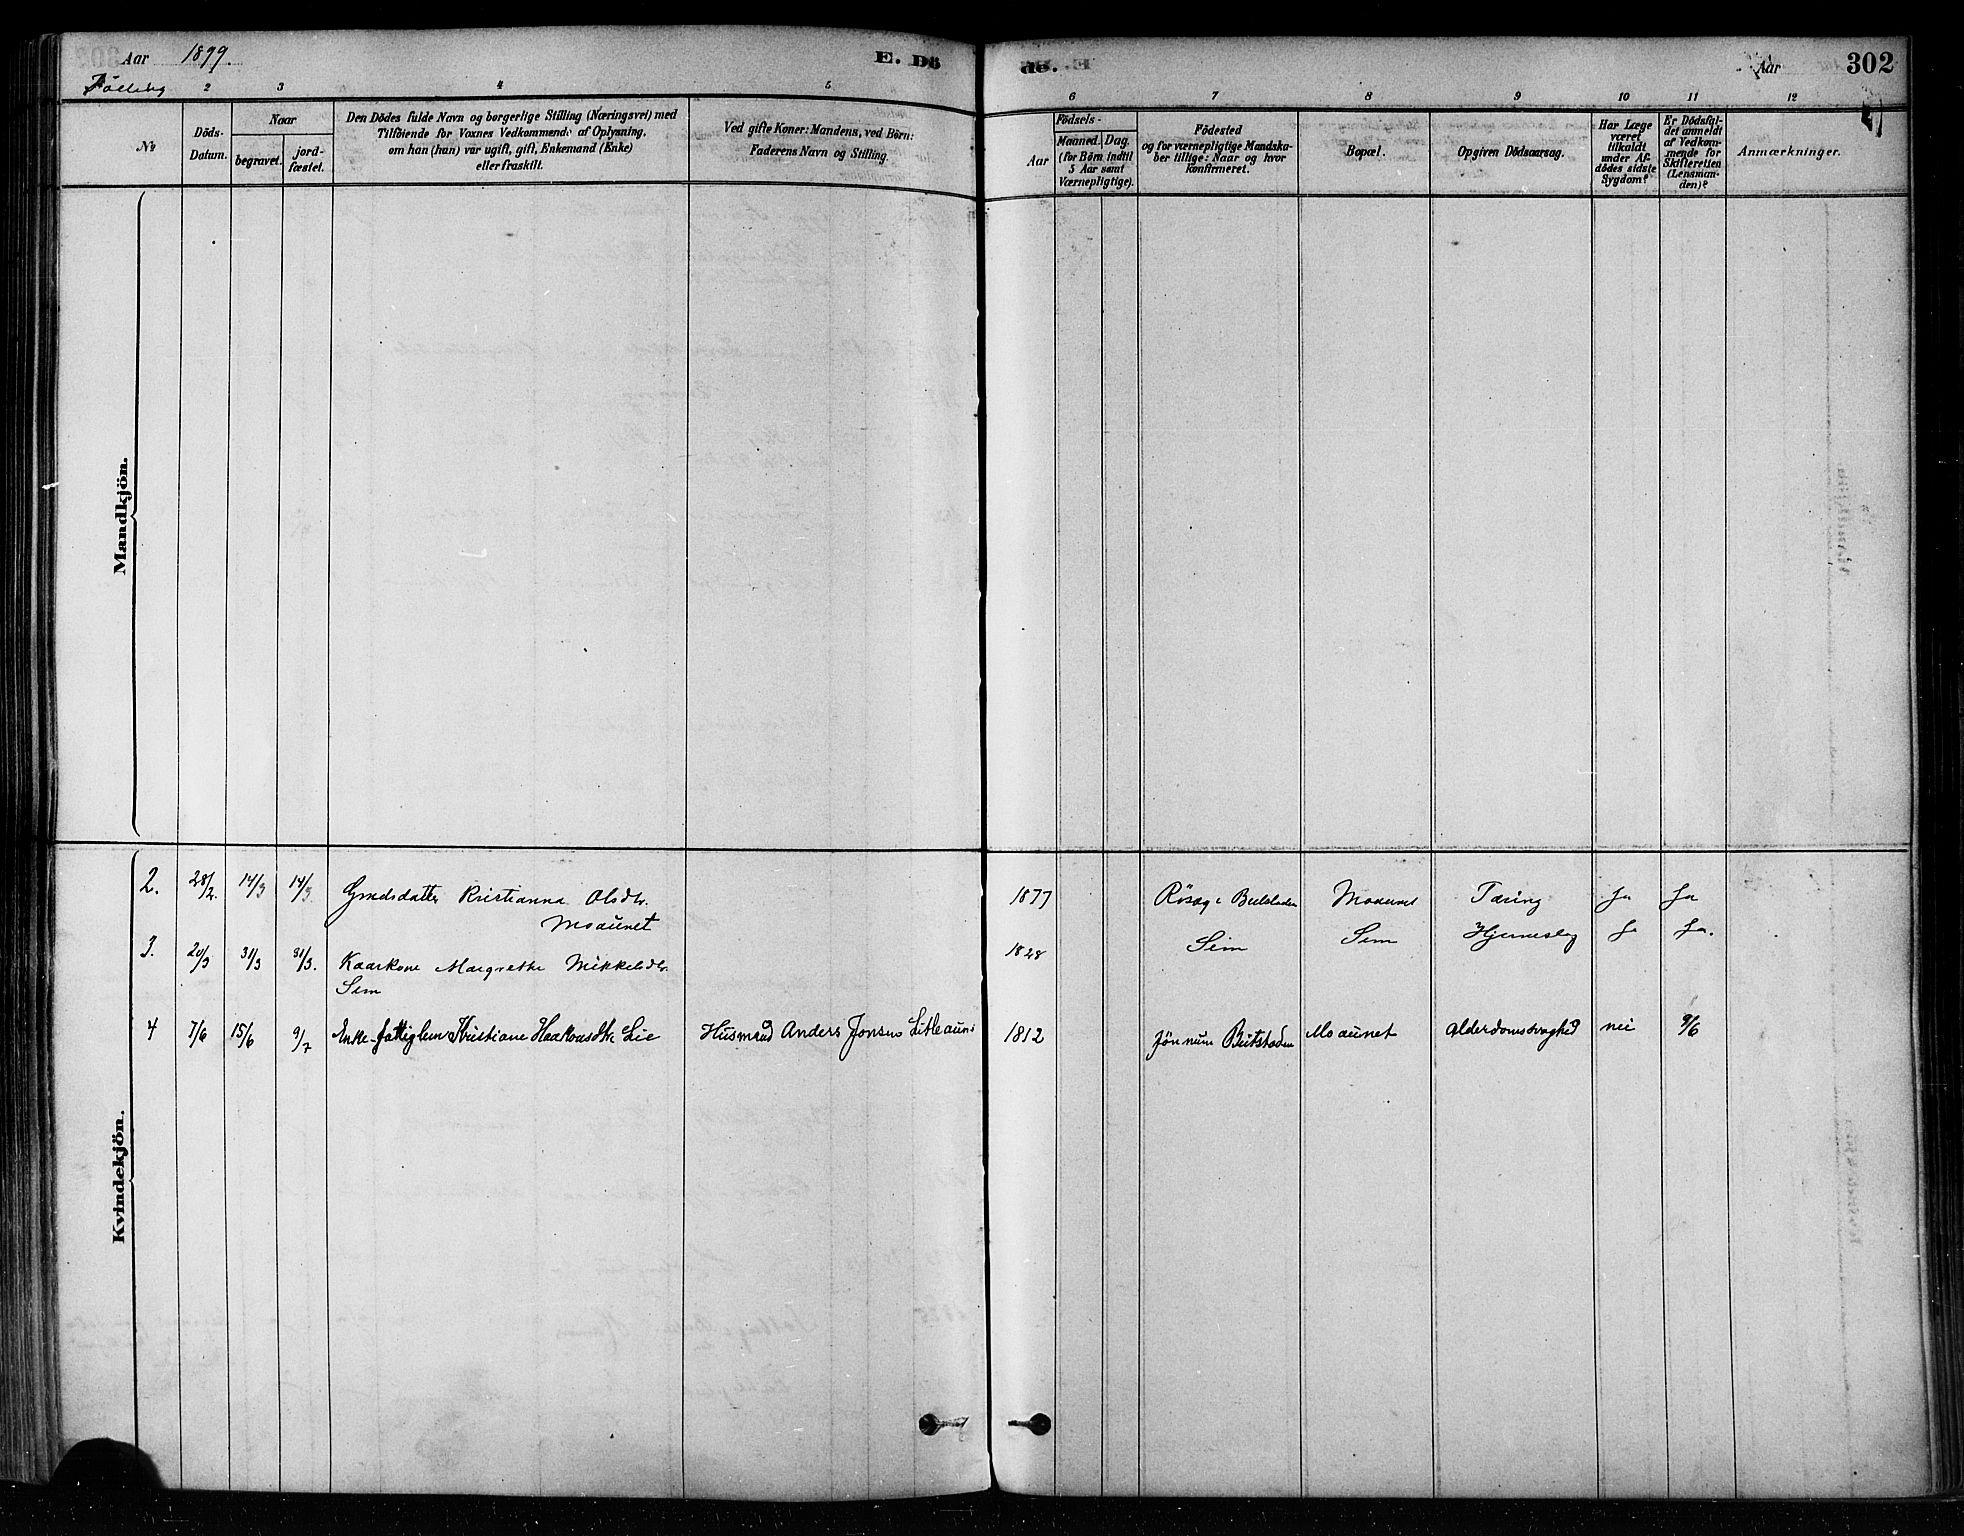 SAT, Ministerialprotokoller, klokkerbøker og fødselsregistre - Nord-Trøndelag, 746/L0449: Ministerialbok nr. 746A07 /3, 1878-1899, s. 302